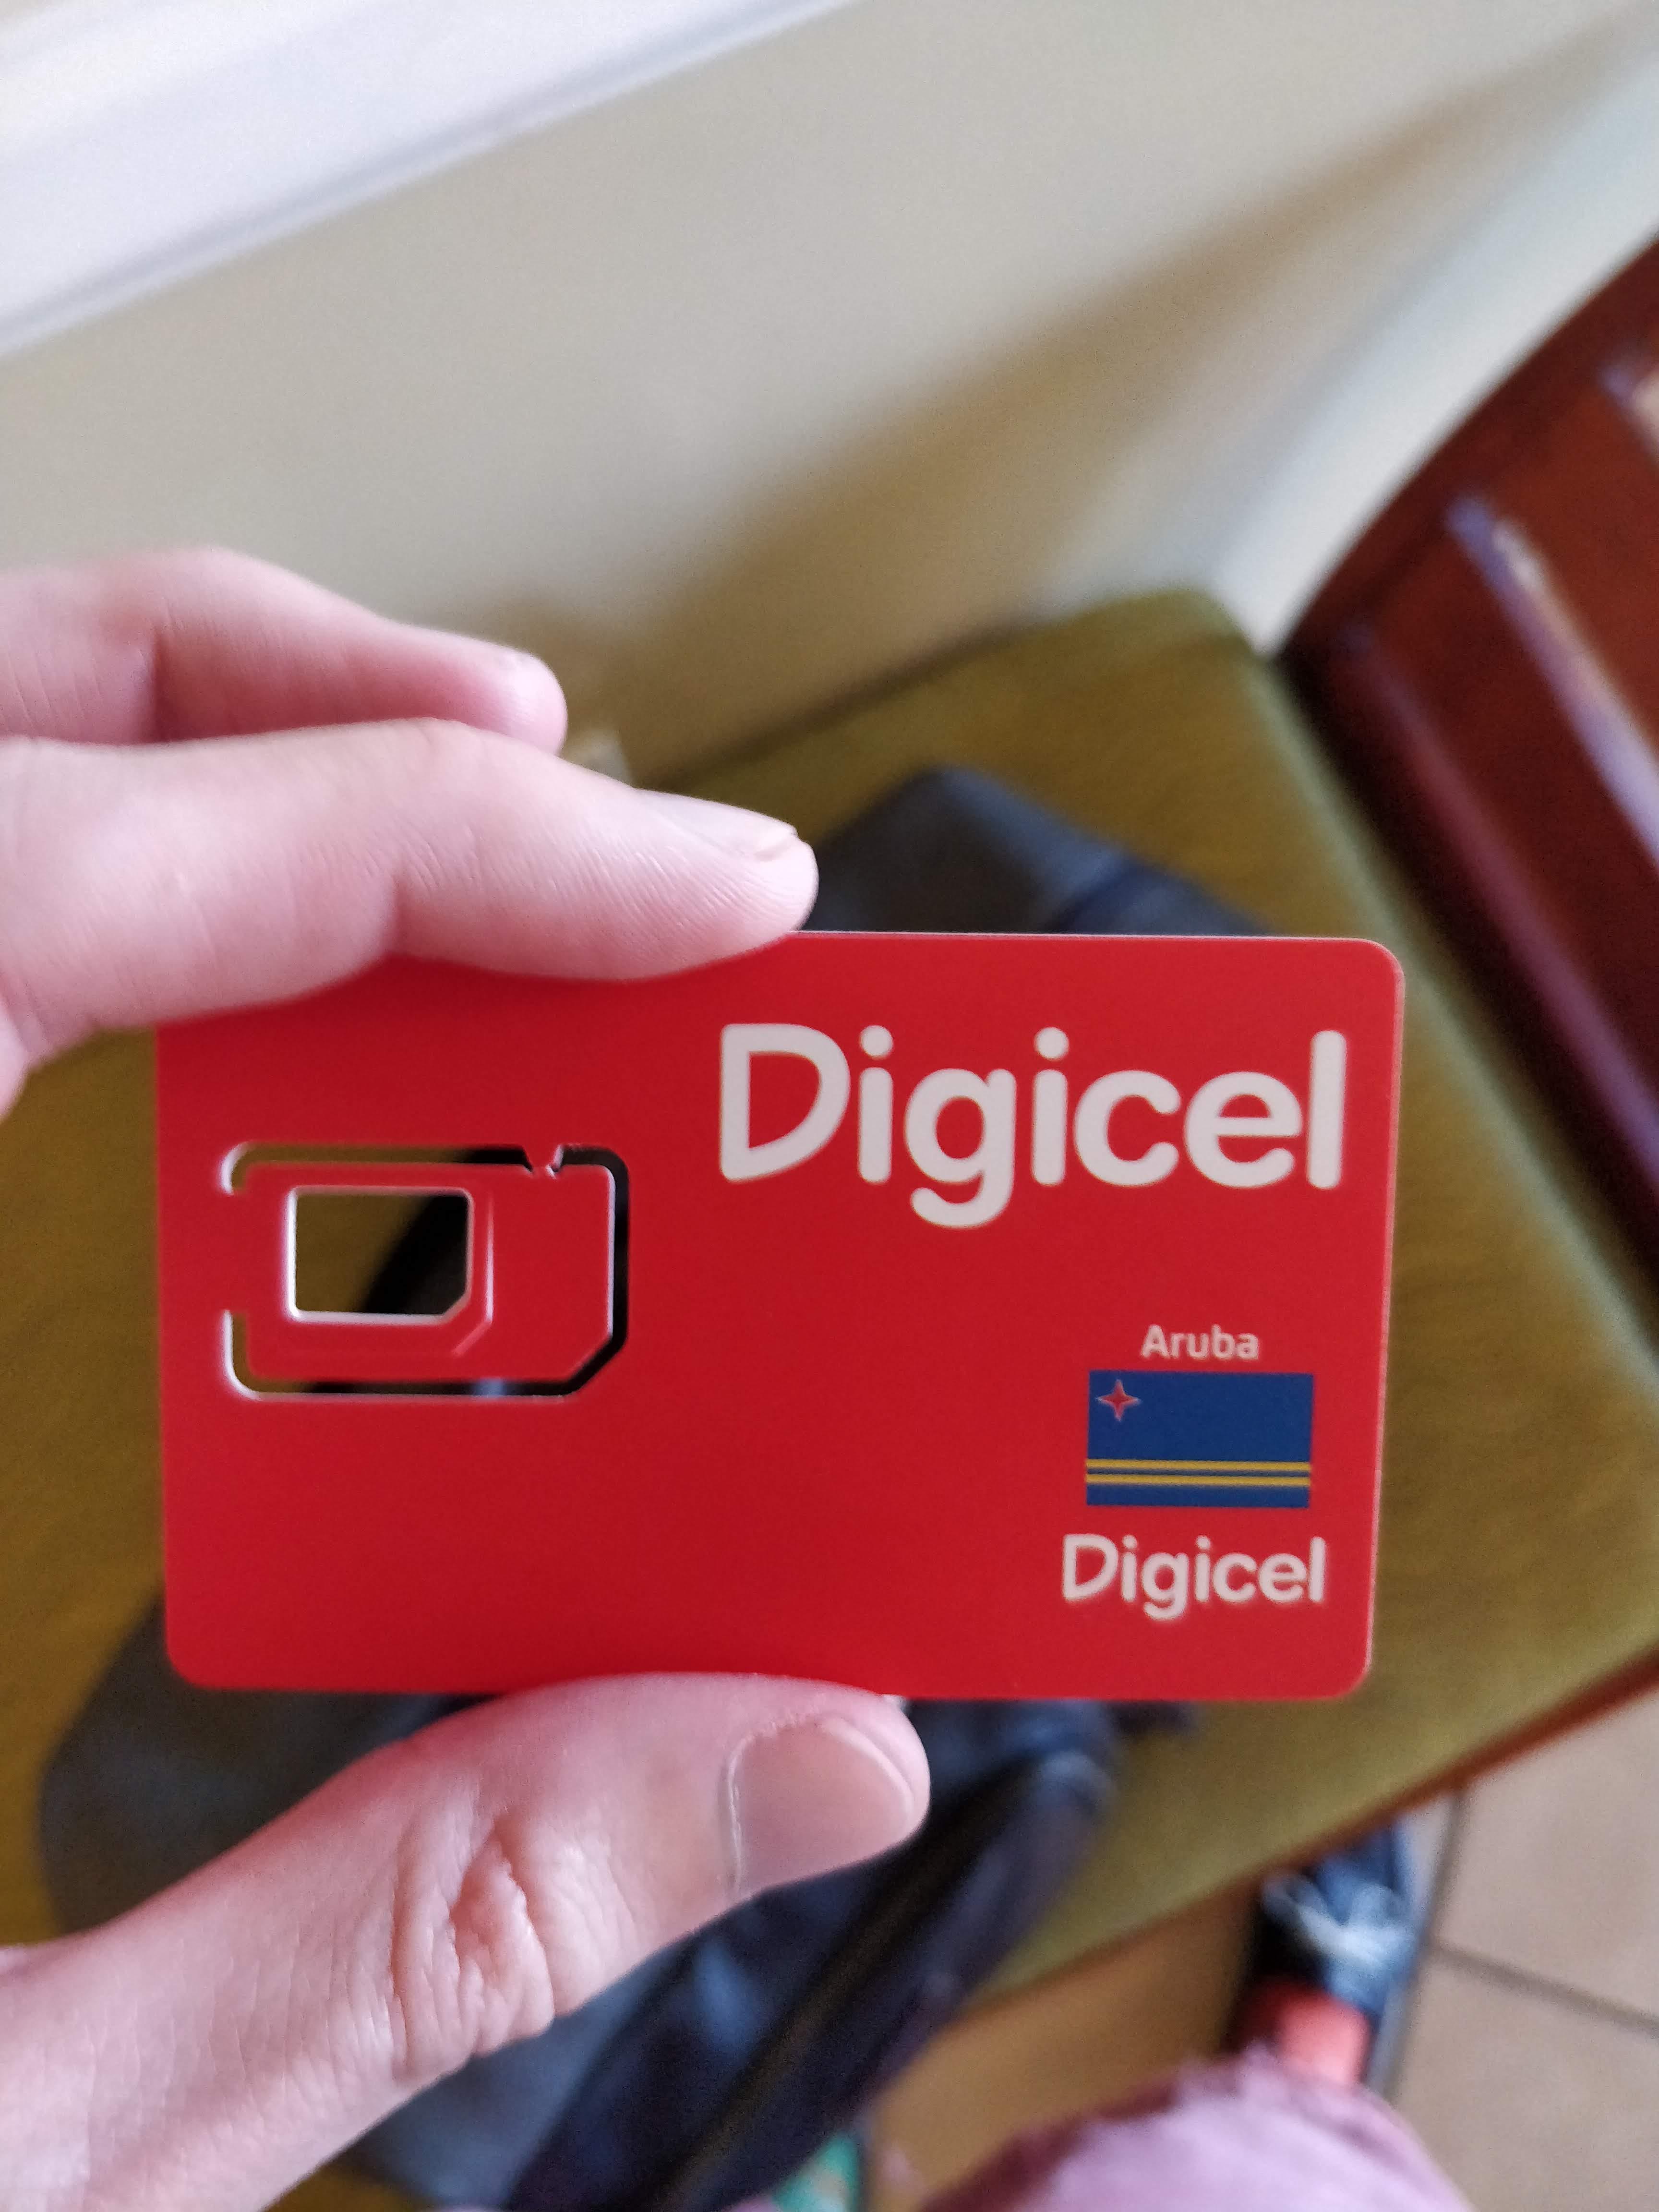 digitcel